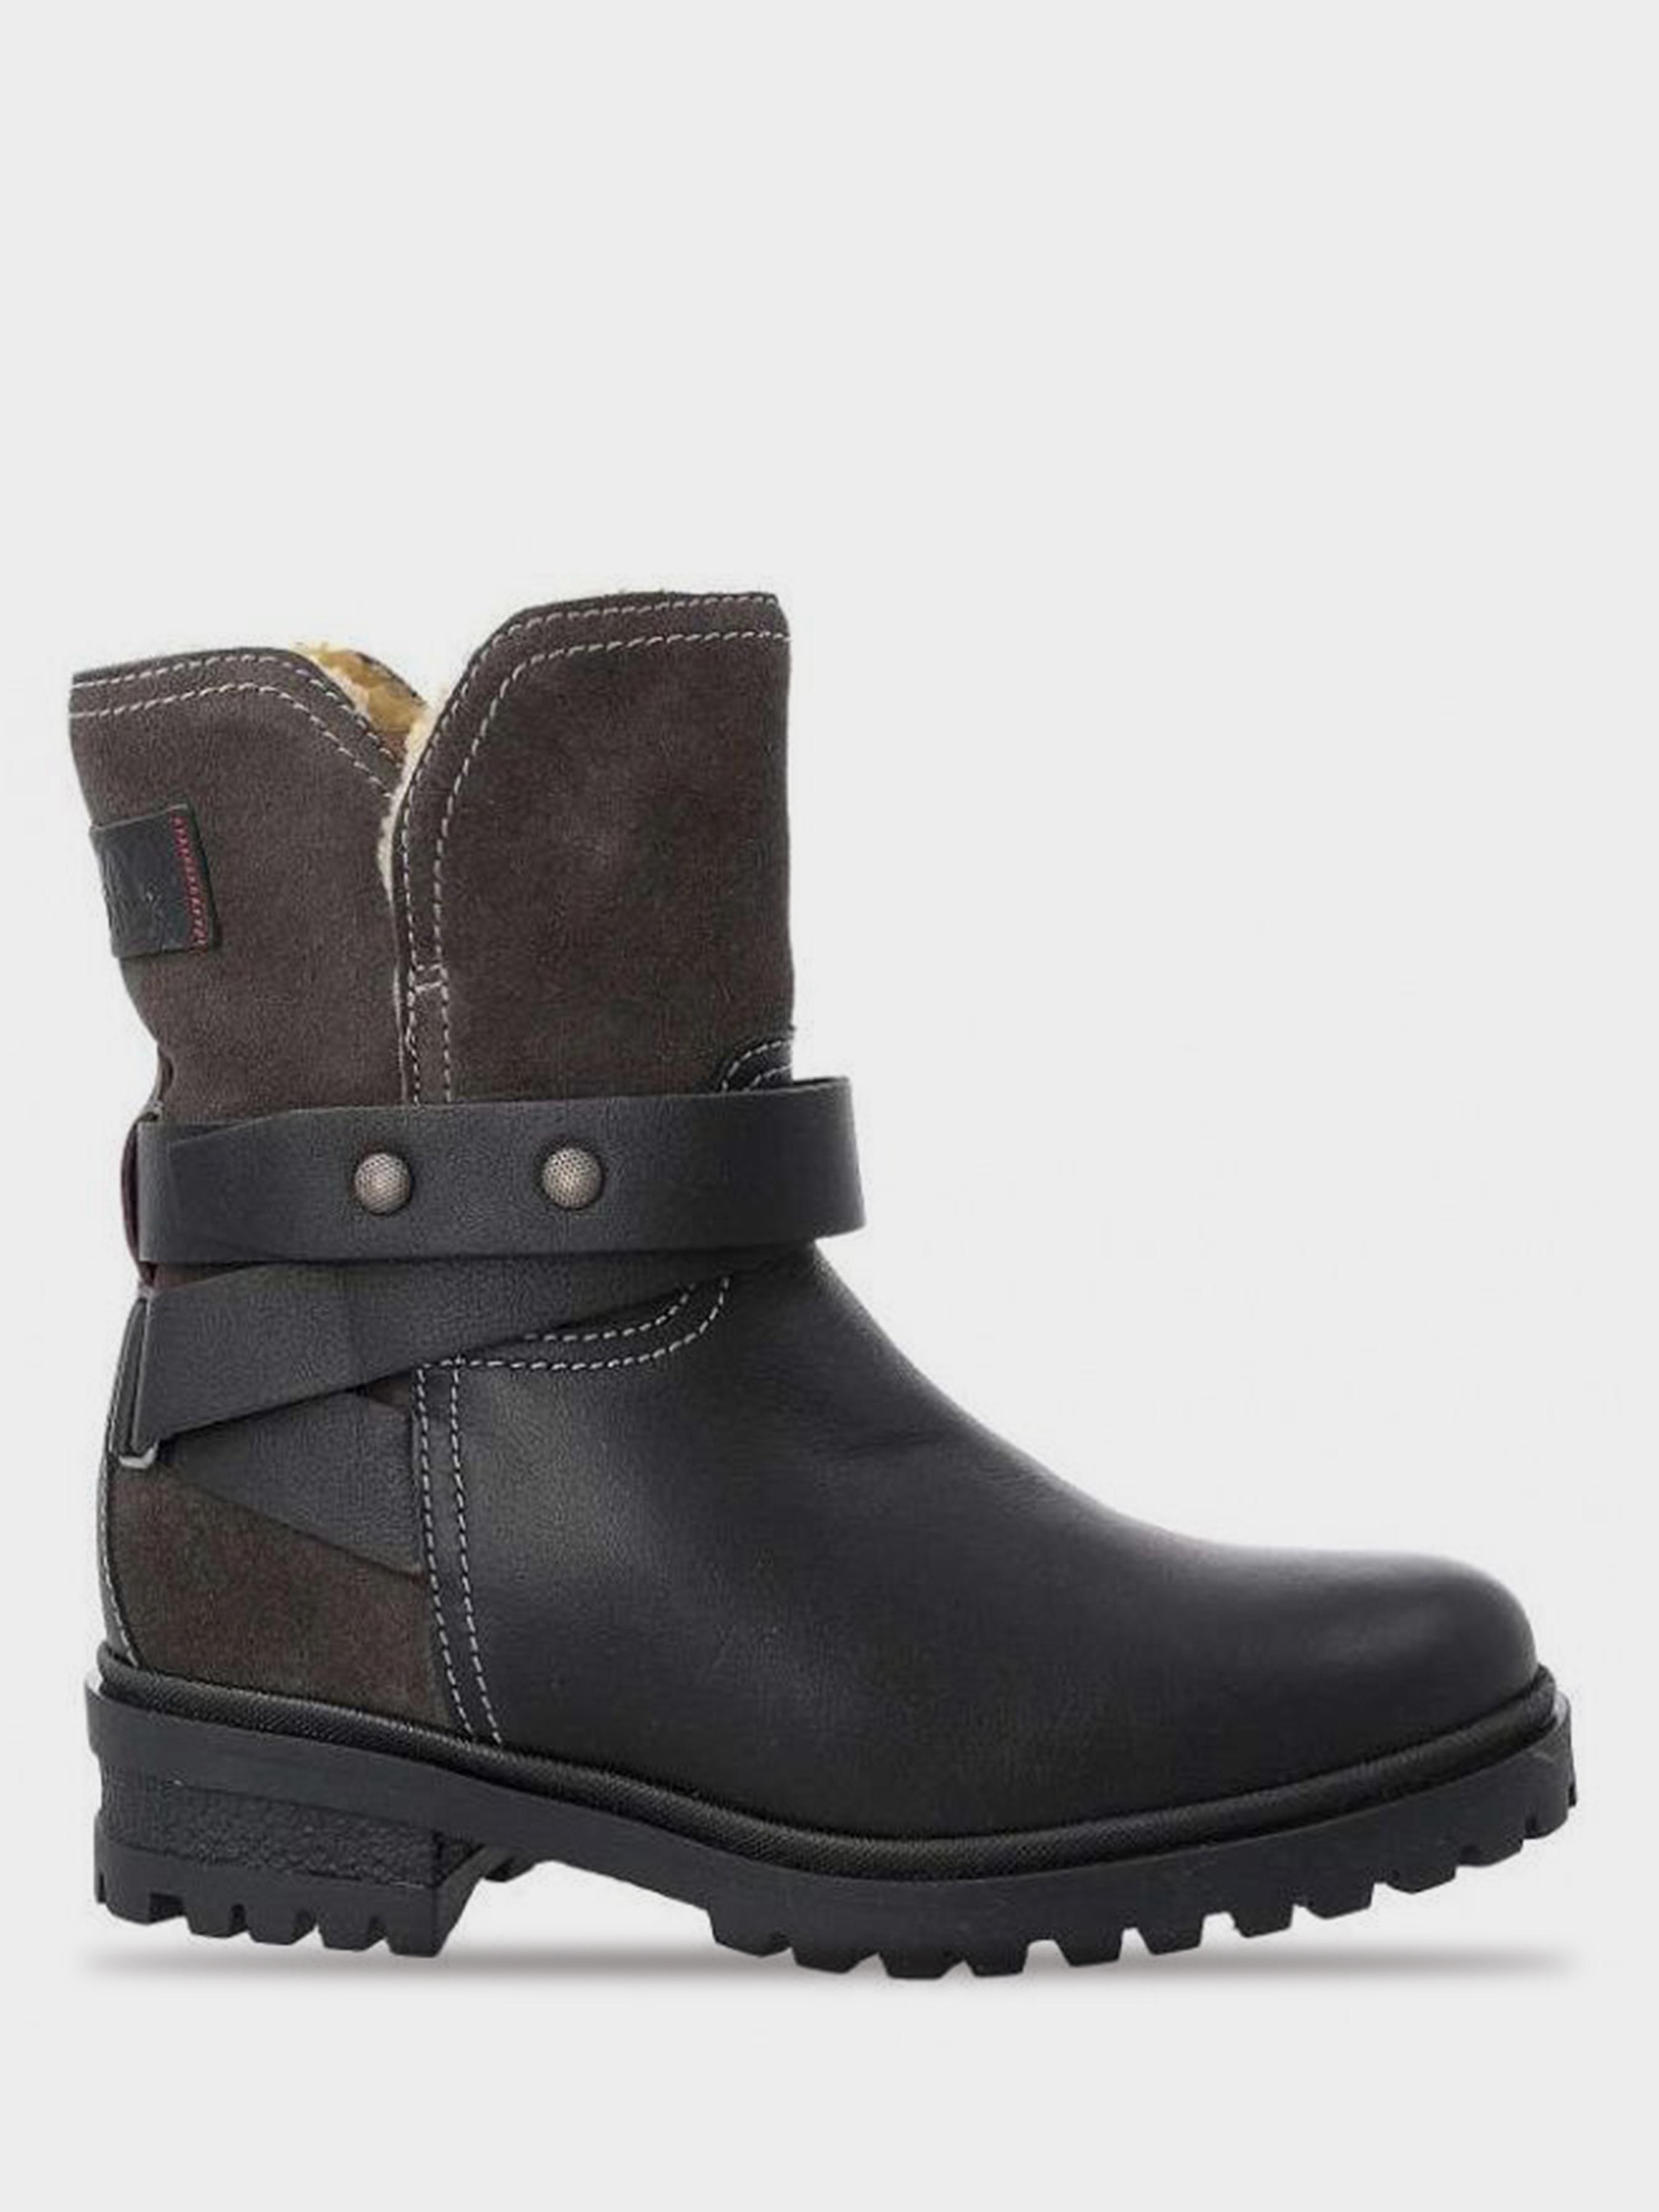 Купить Ботинки для женщин Tommy Hilfiger TD1160, Черный